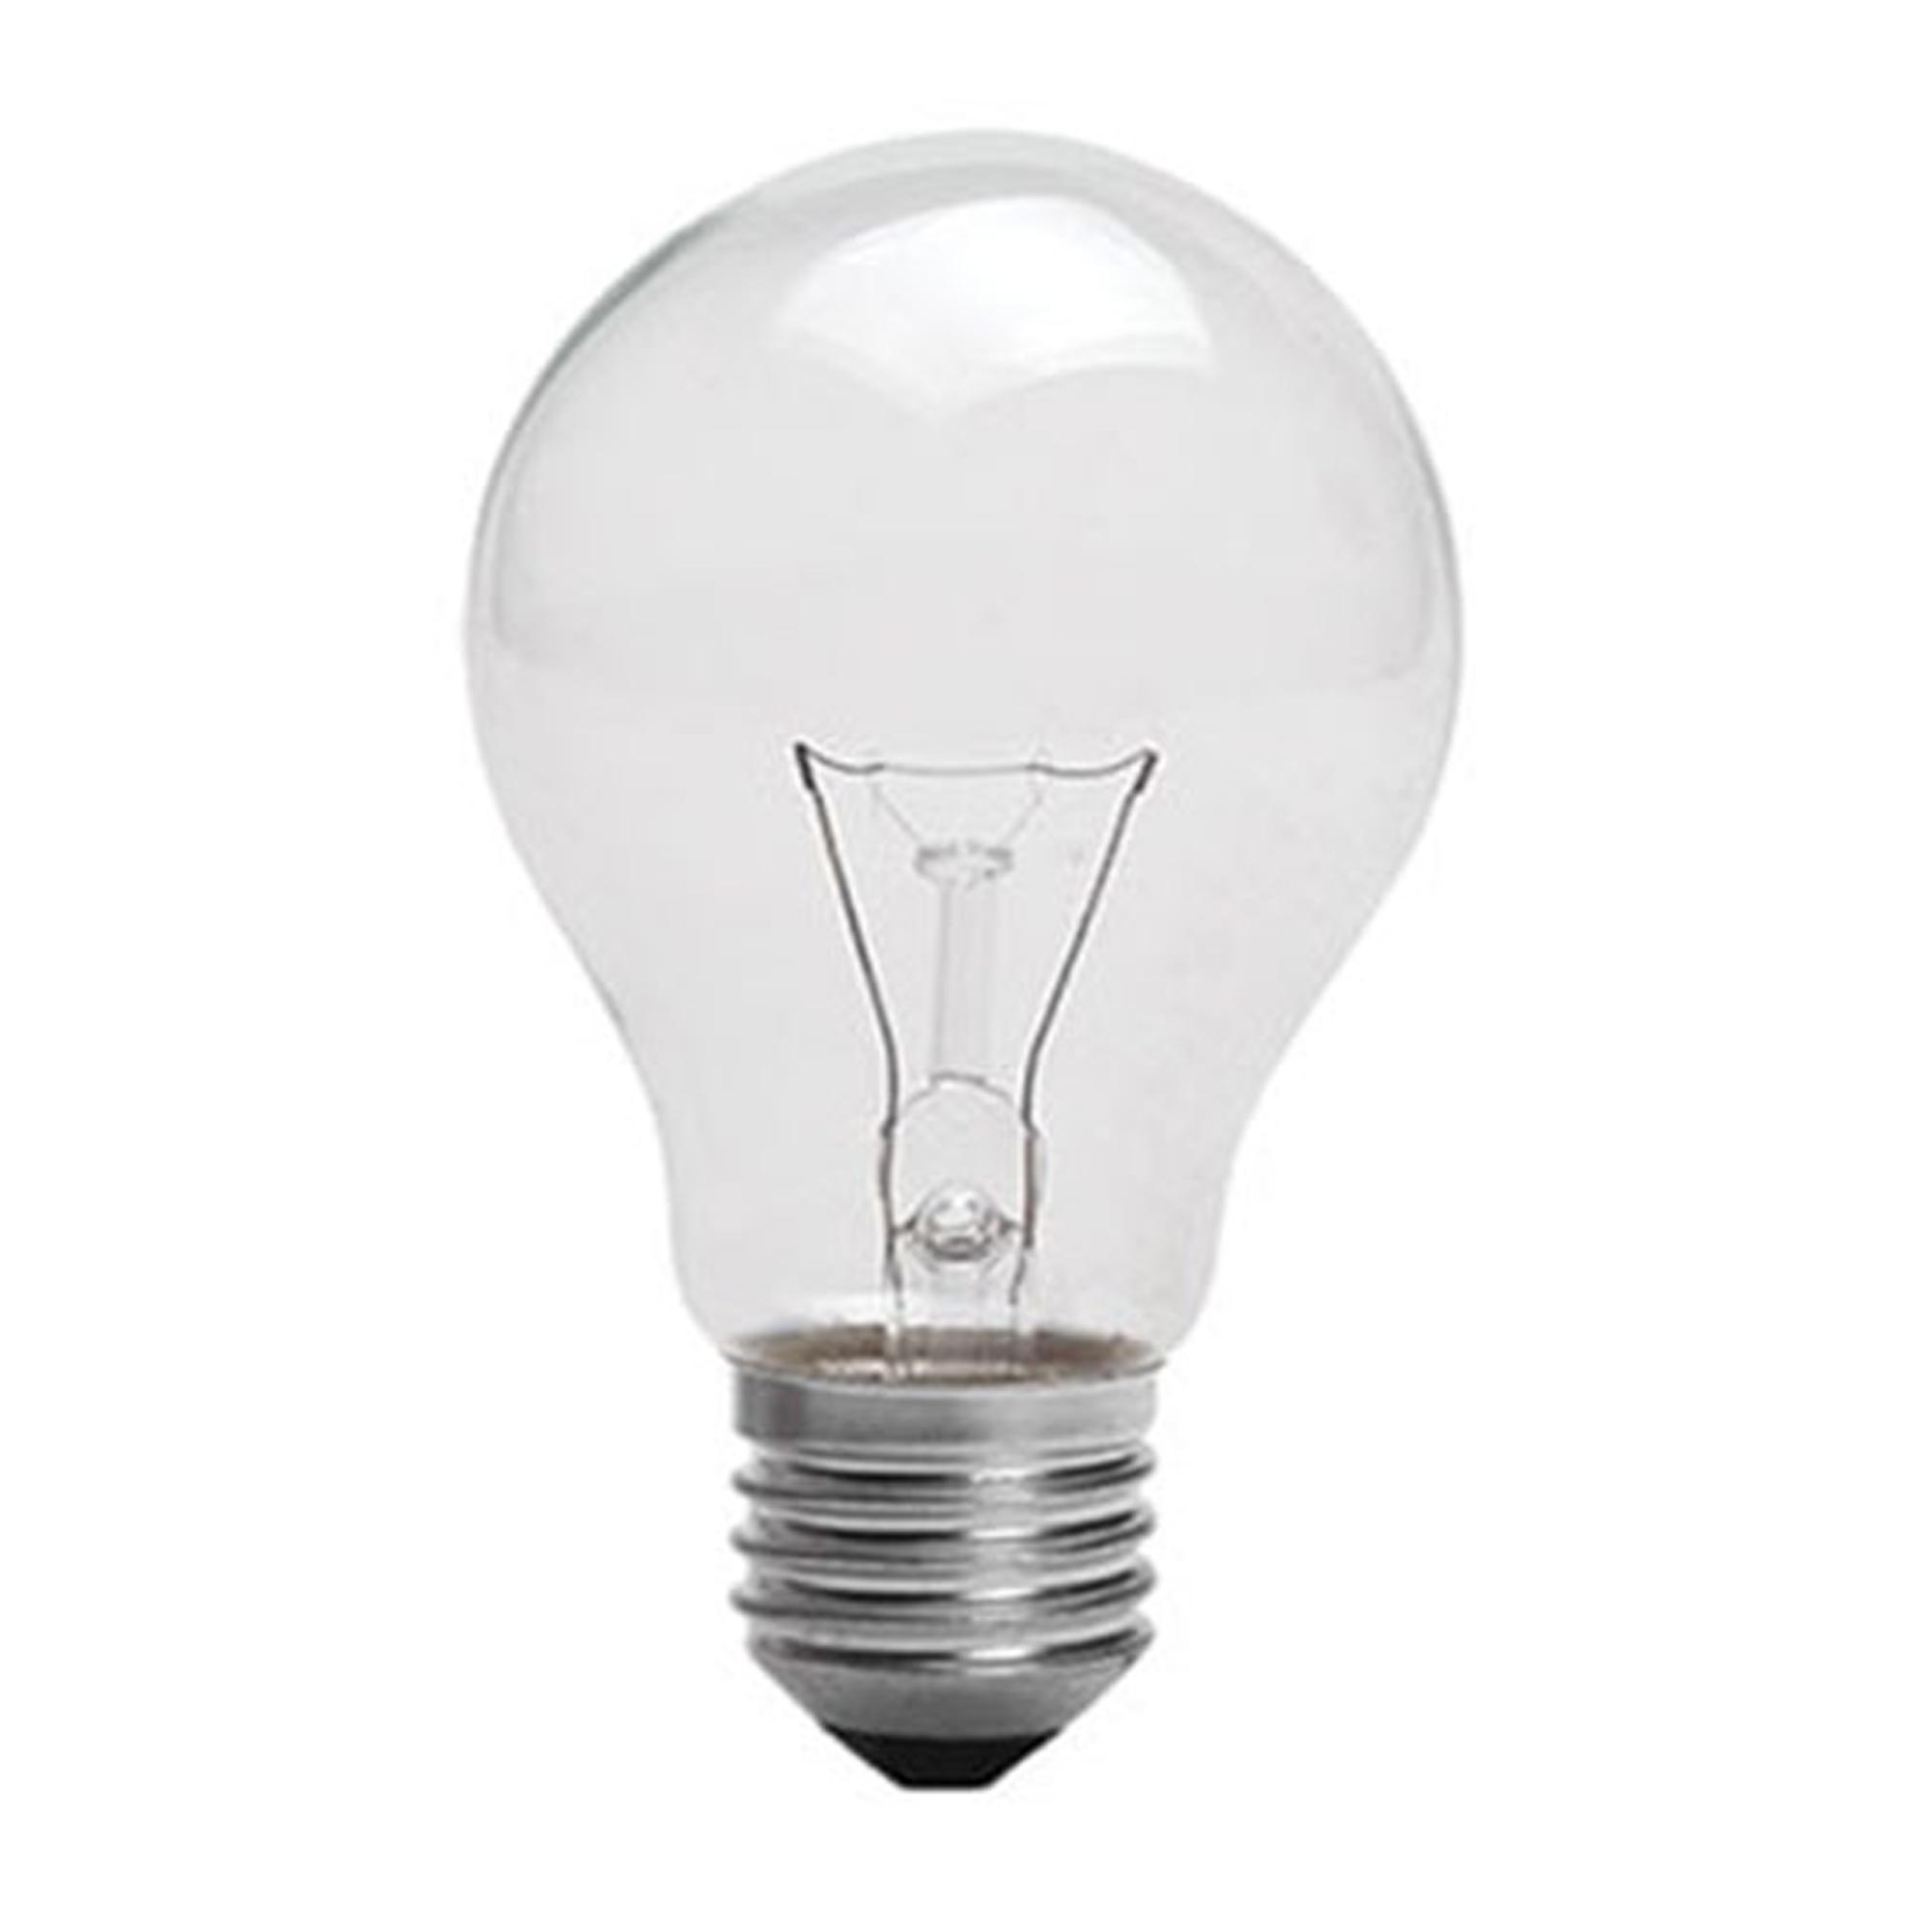 لامپ 100 وات افروغ مدل شفاف پایه E27 بسته 10 عددی